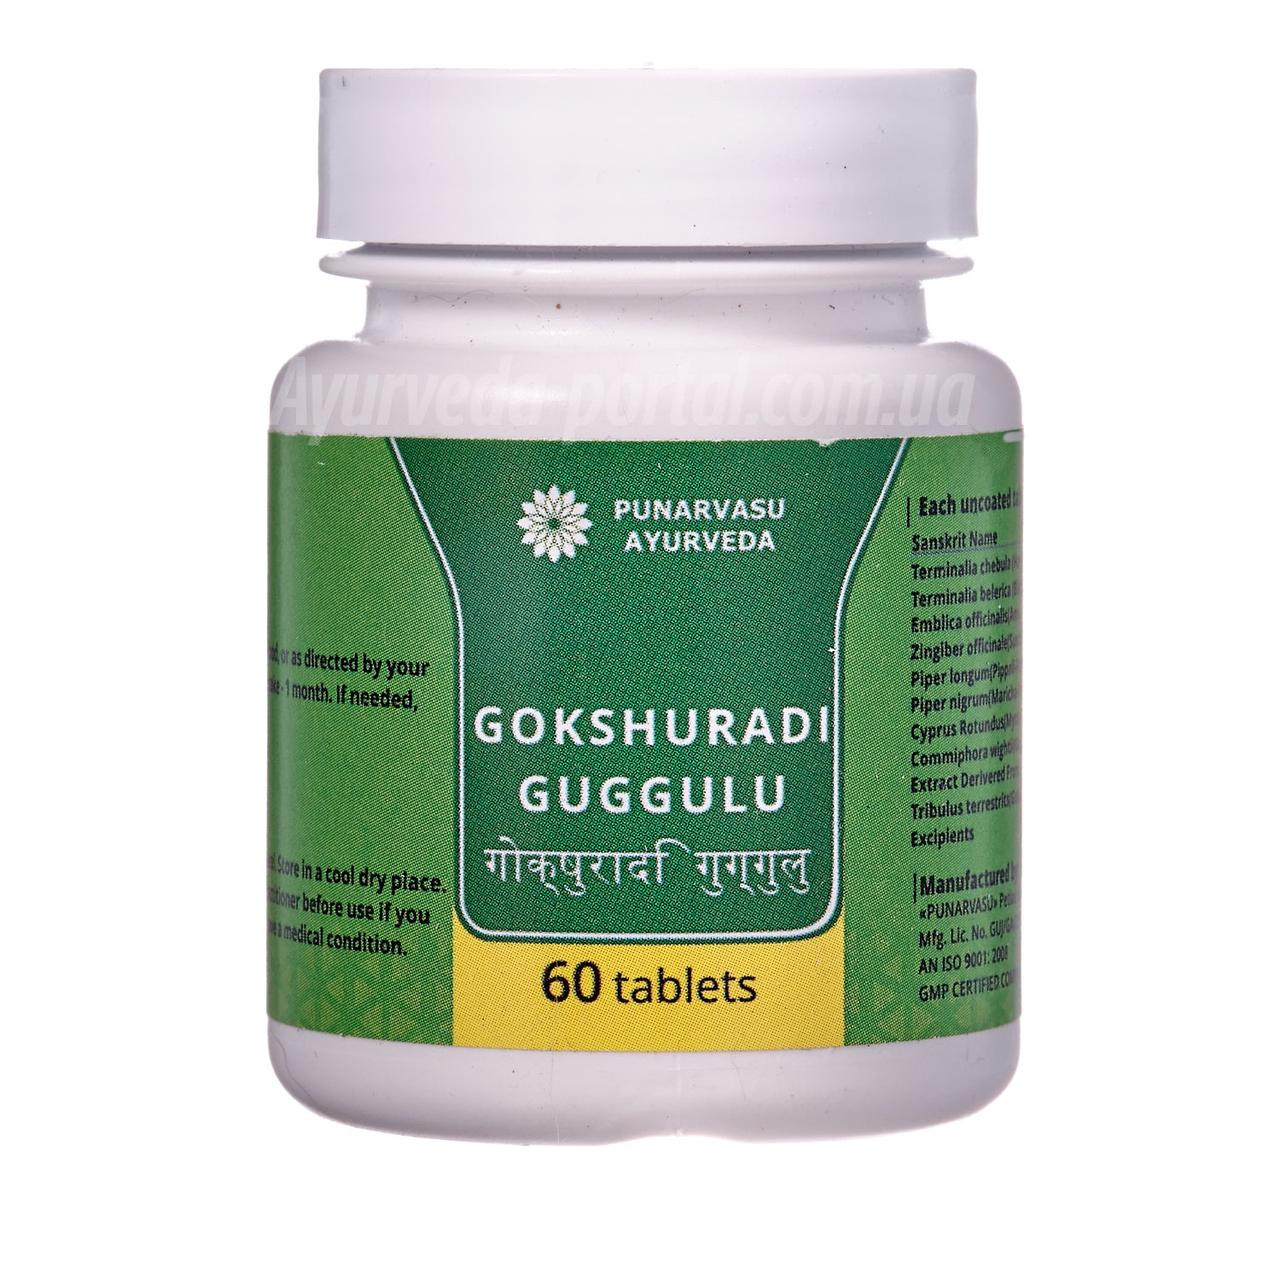 Гокшуради гуггул / Gokshuradi guggulu - поліпшення роботи нирок, нефрит, камені в нирках, простатит - Пунарвасу